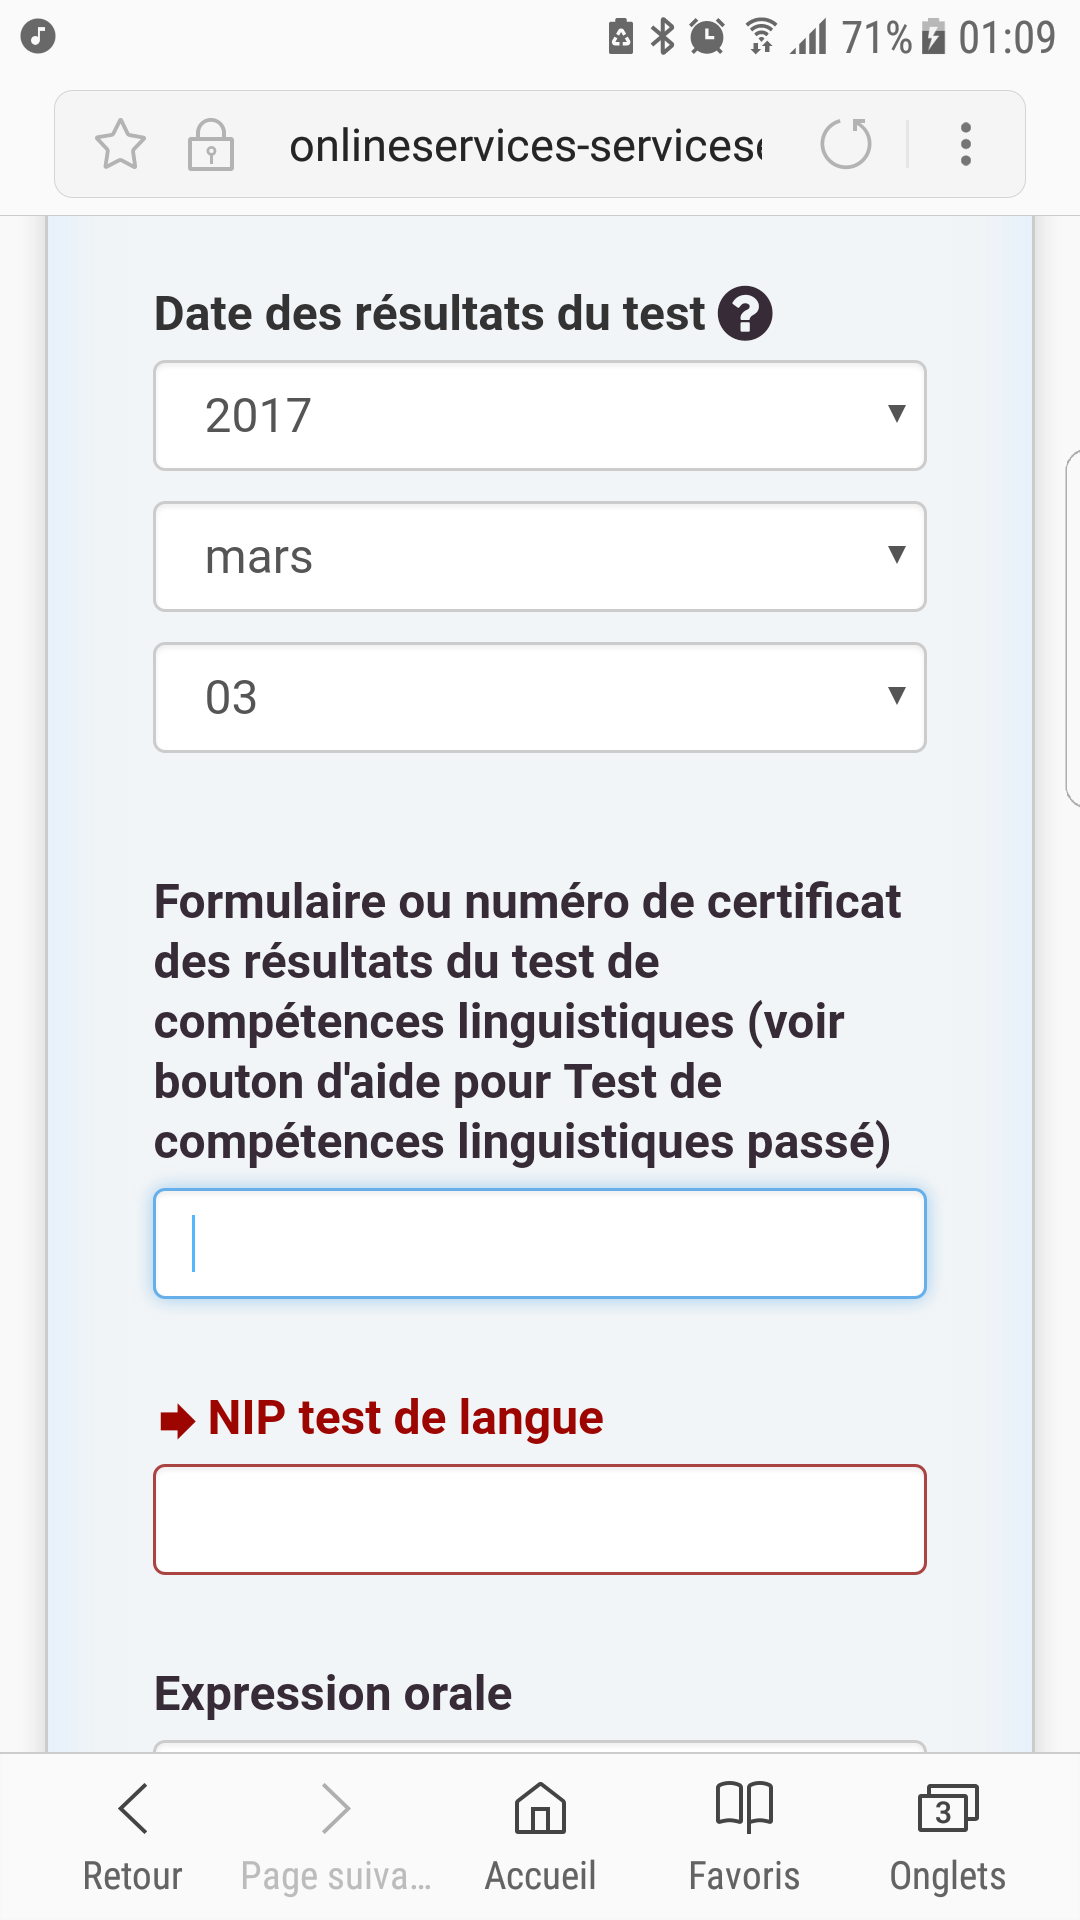 Canada NIP test de langue pour le profil Entrée Express ?